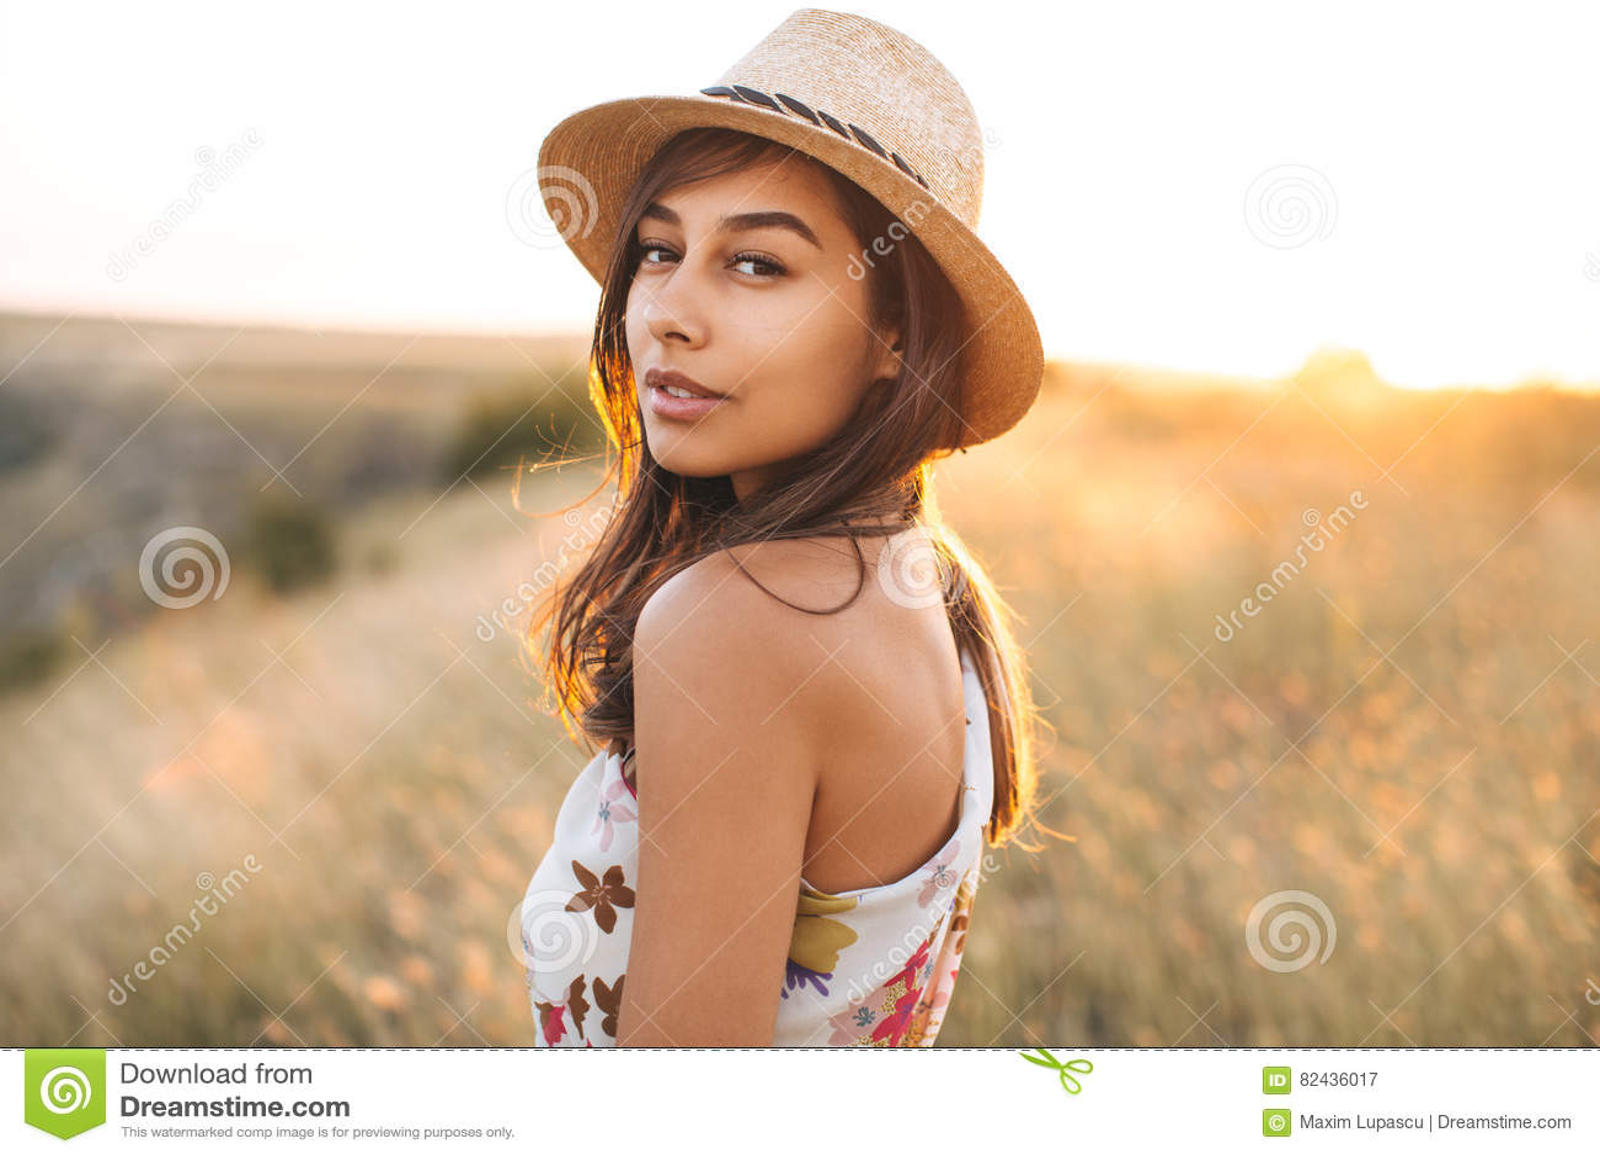 Fasonuje portret ładnej słodkiej młodej kobiety ma zabawę z lizakiem nad białym tłem